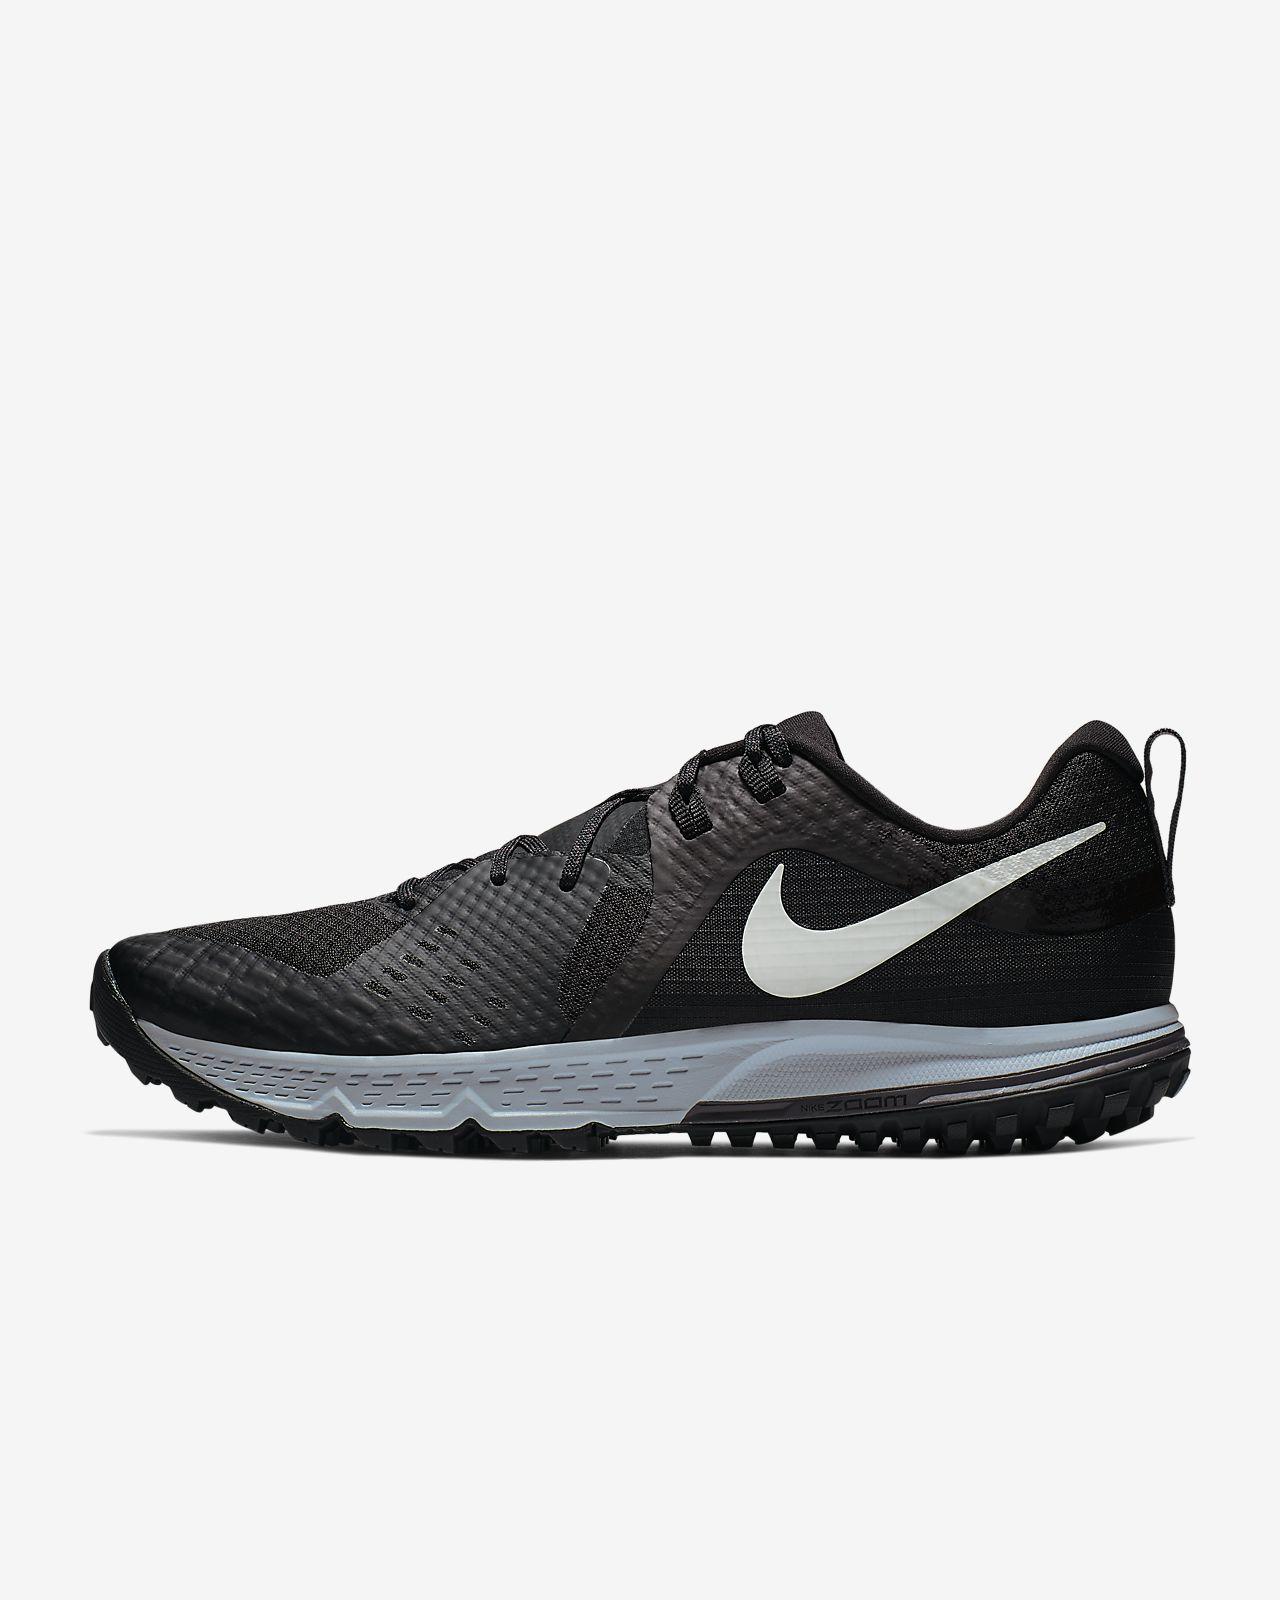 Nike Air Zoom Wildhorse 5 Erkek Koşu Ayakkabısı